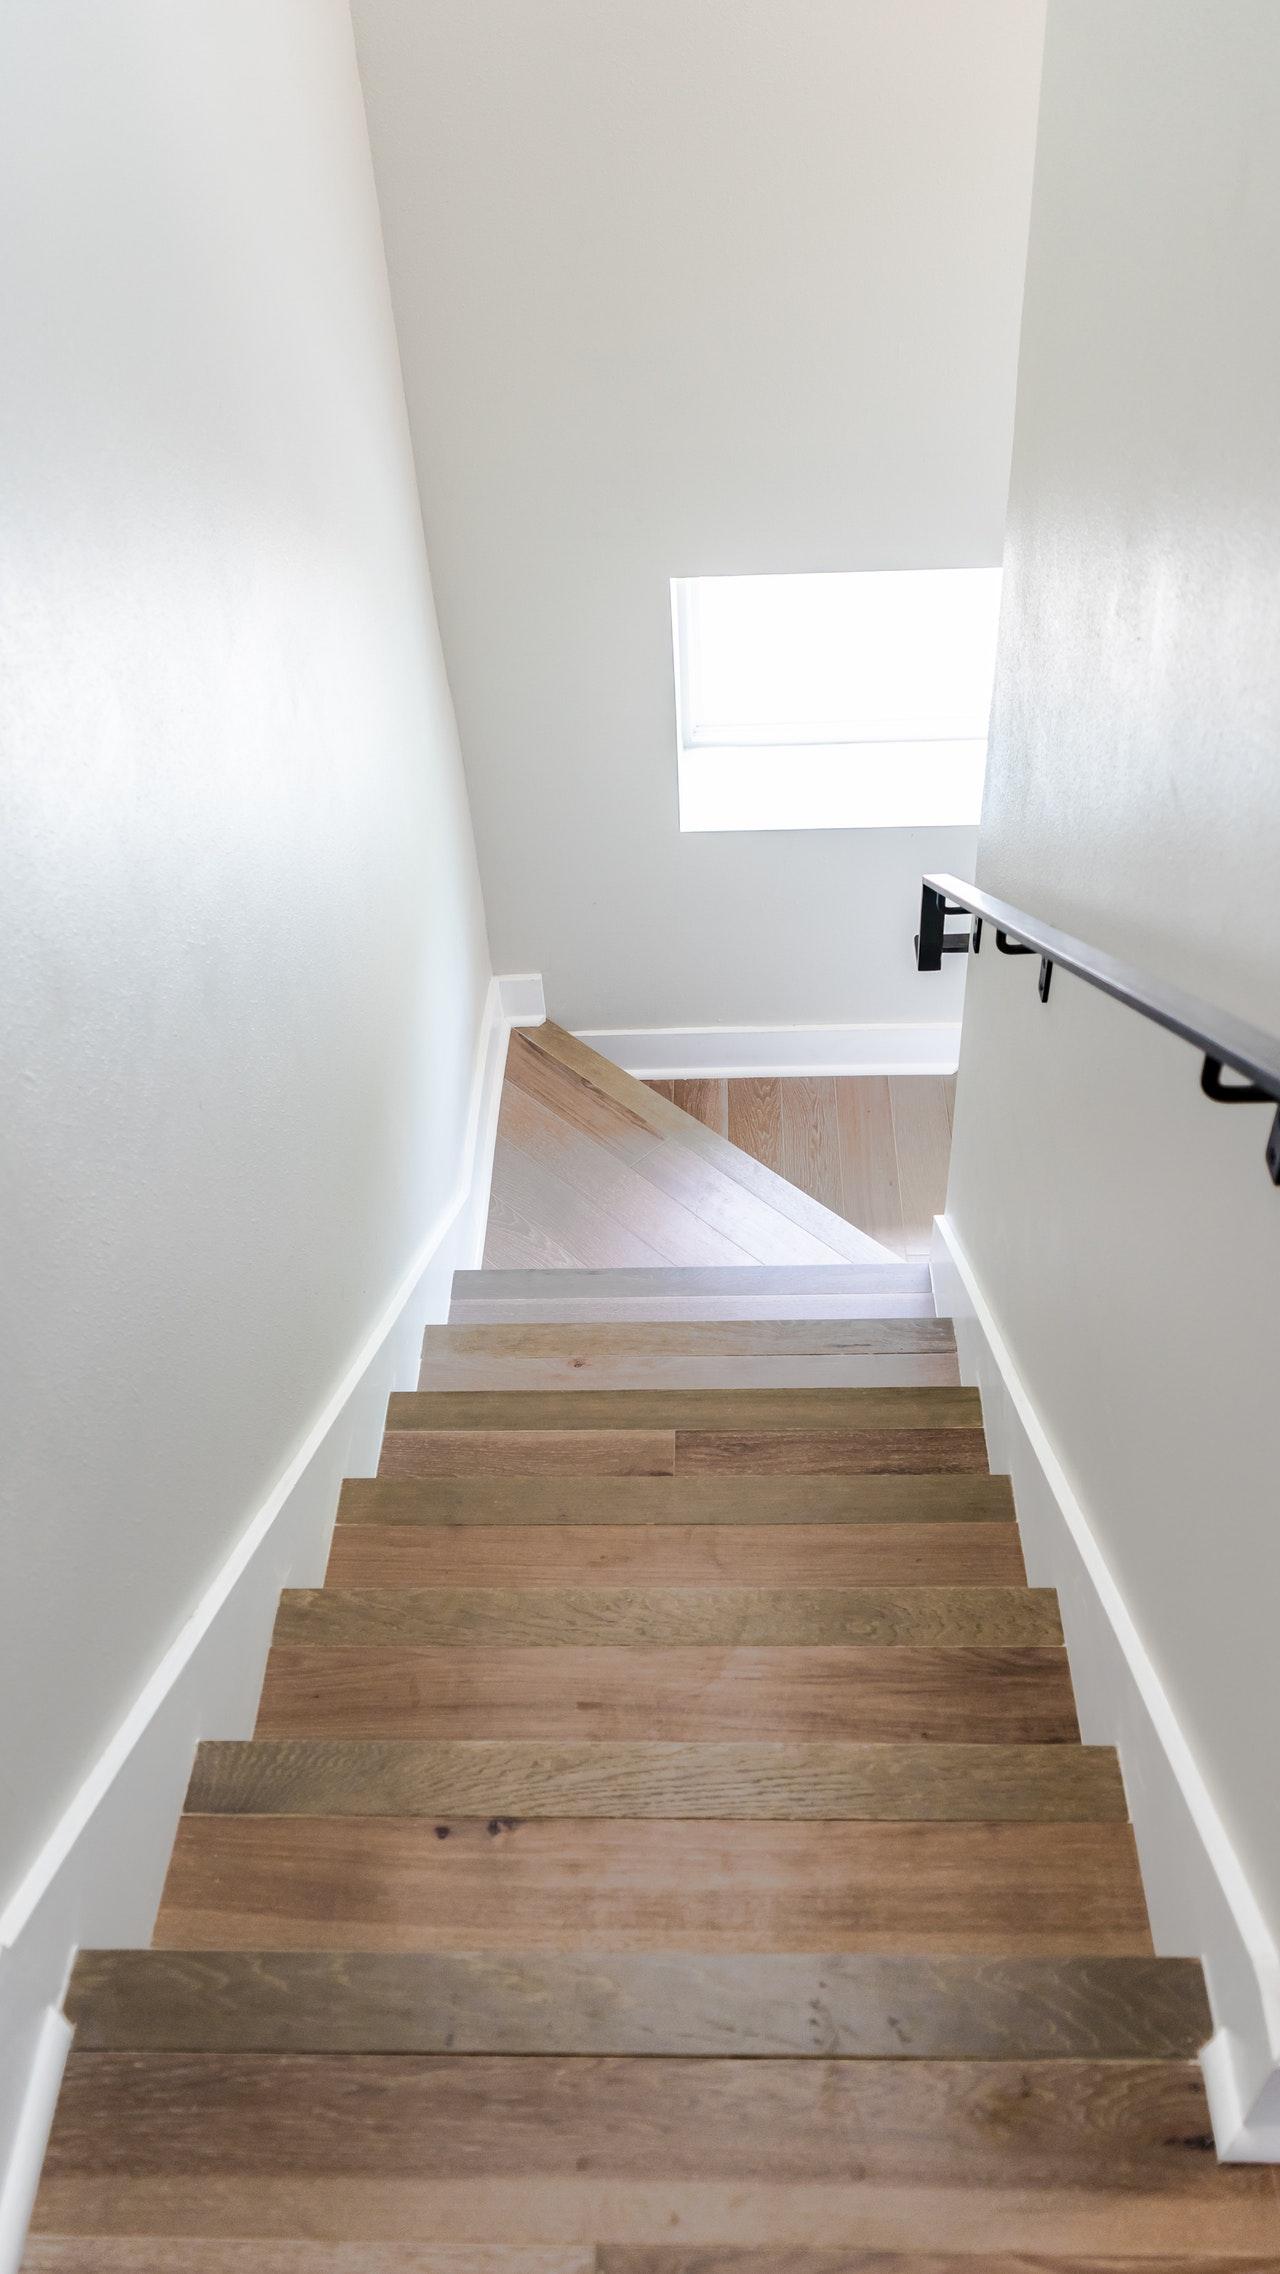 Open trap dichtmaken? | Prijzenoverzicht + tips | HomeDeal